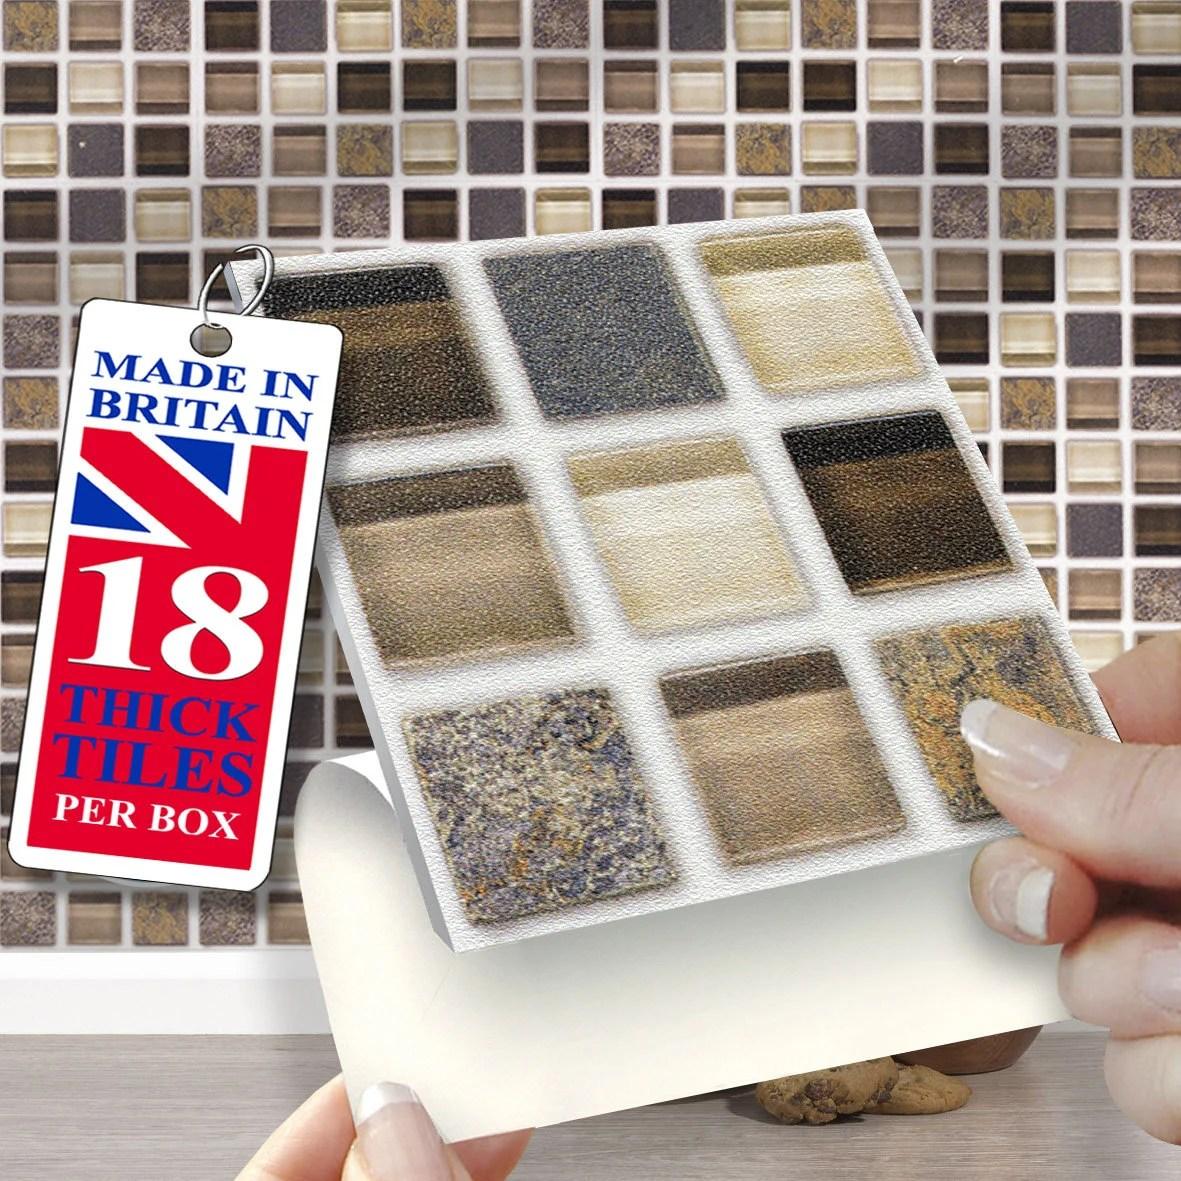 4x4 glass tile etsy